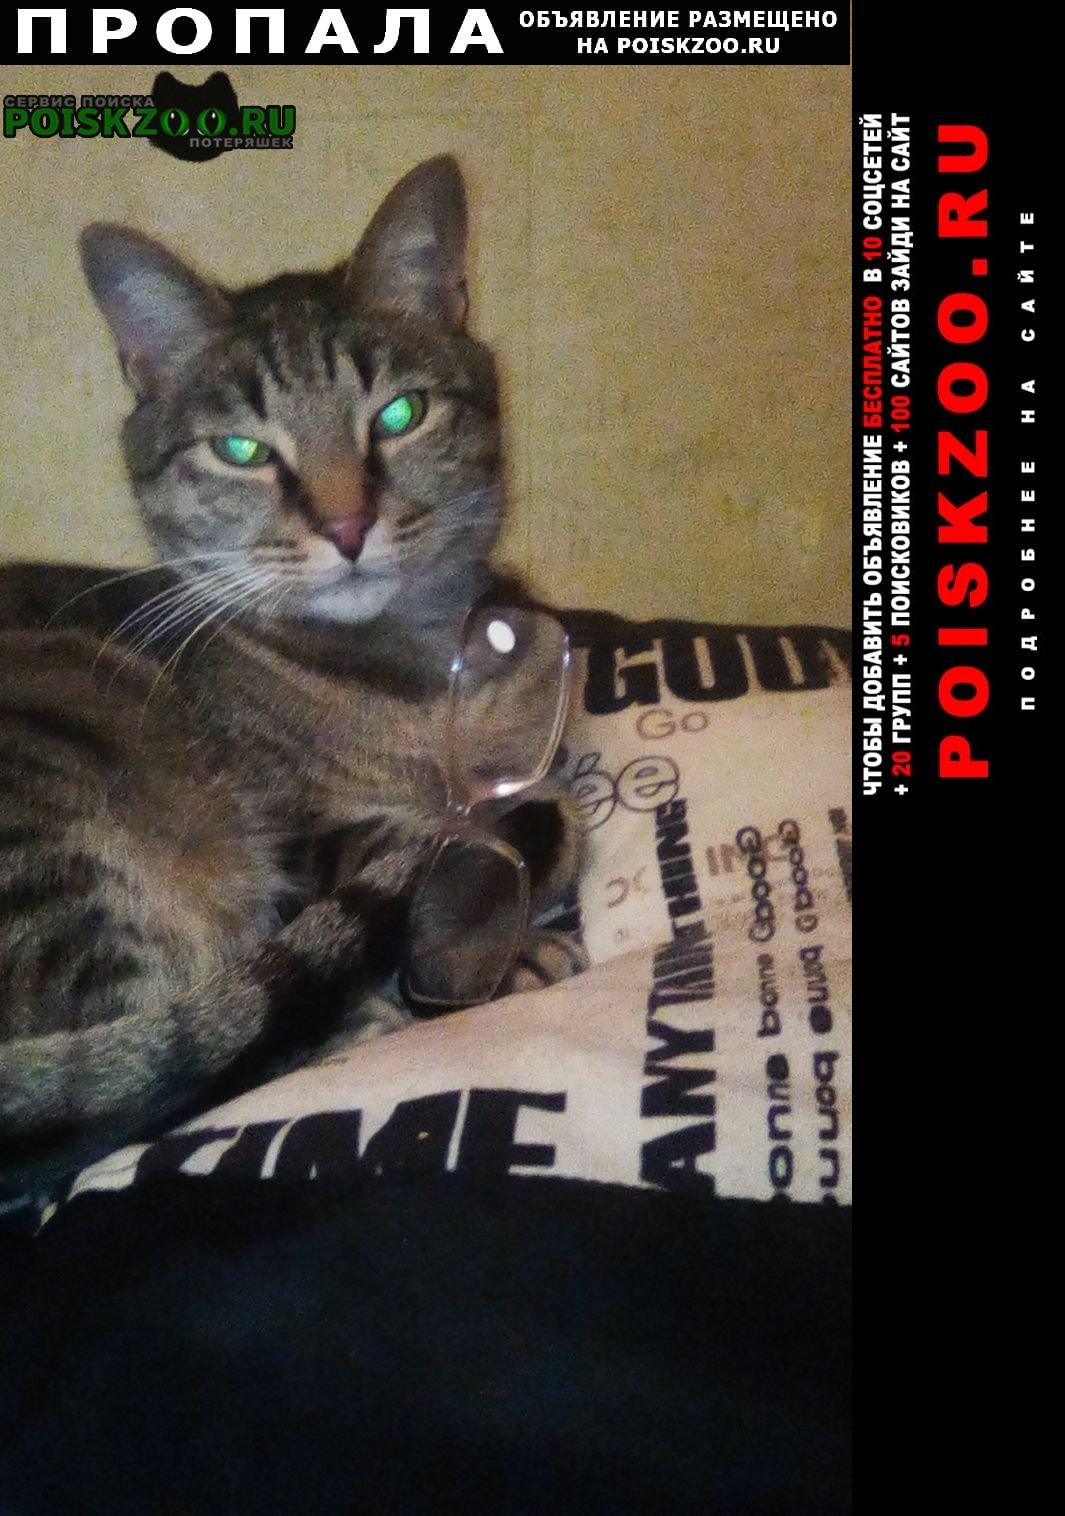 Тольятти Пропала кошка кот зовут василий